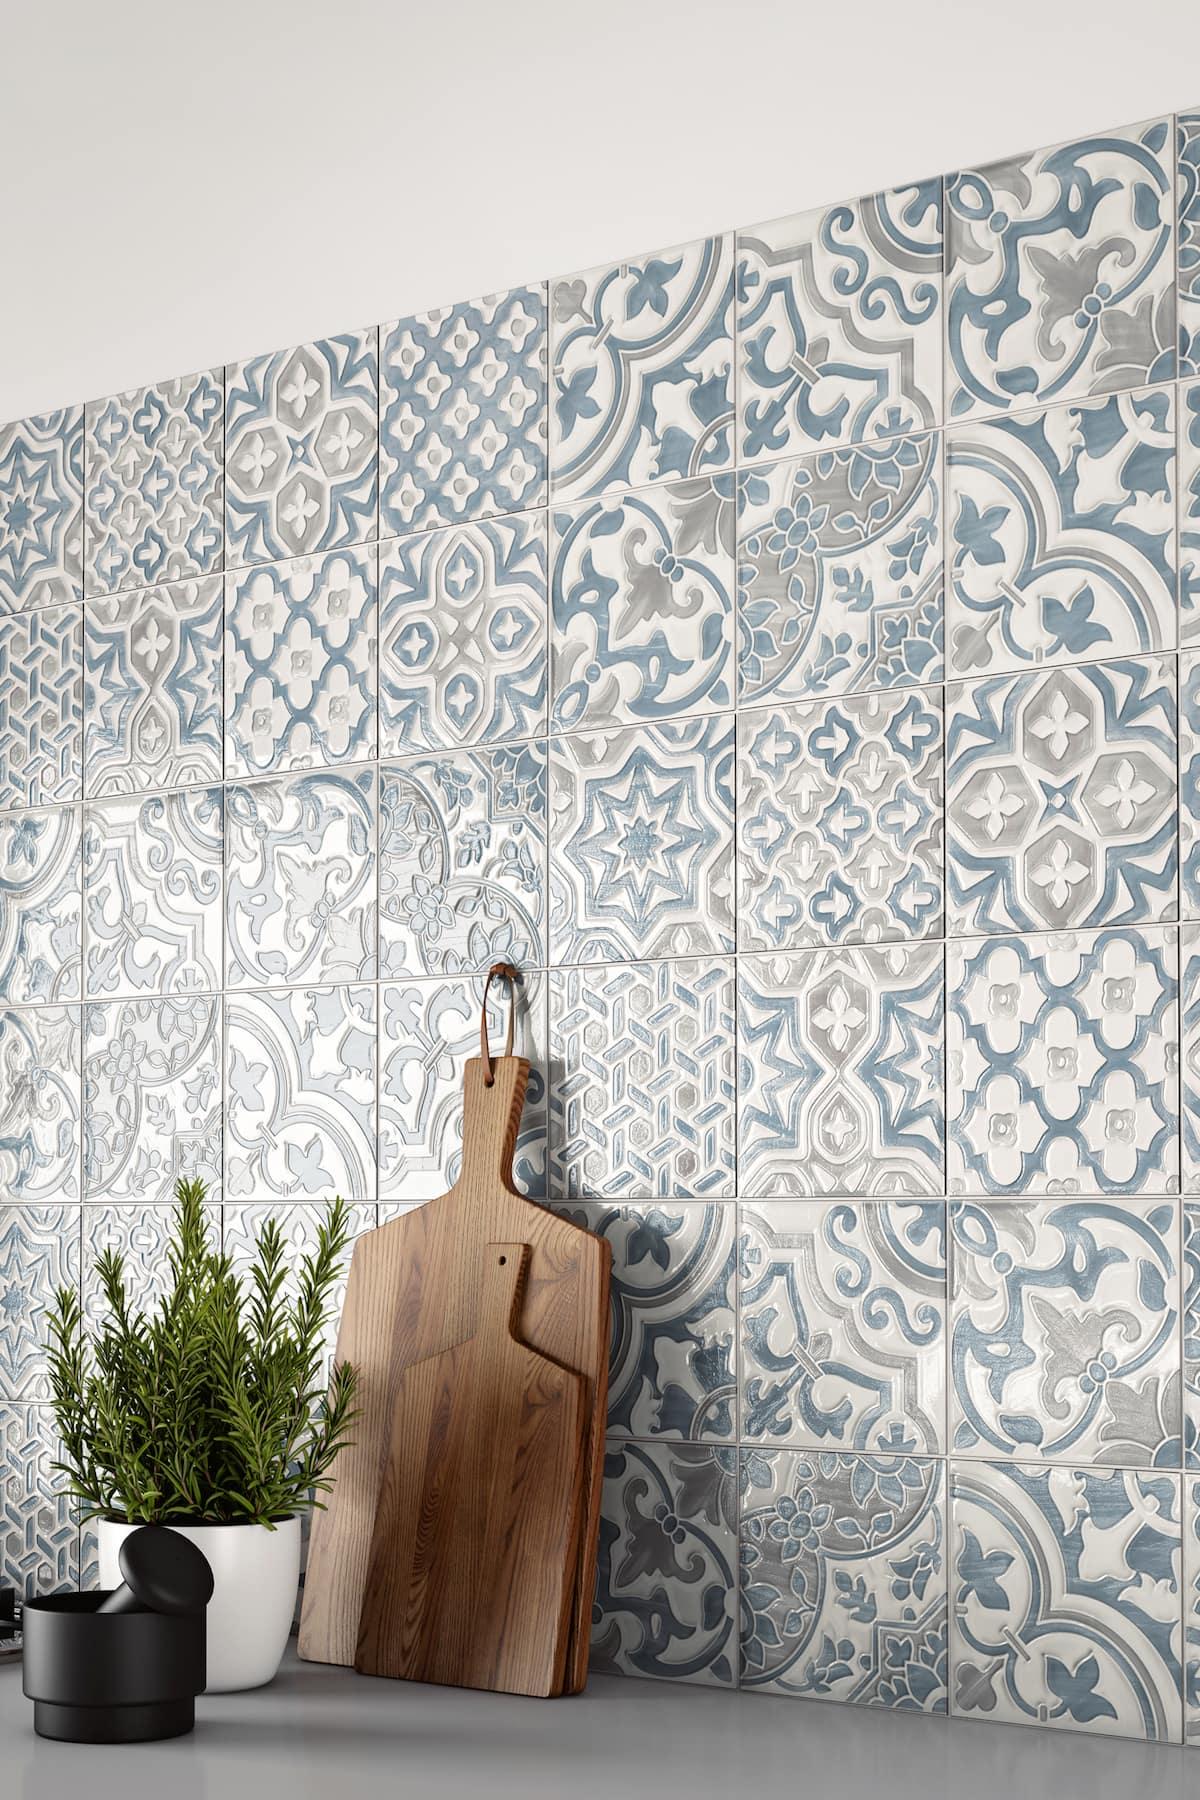 керамическая плитка на пол и стены фото 3